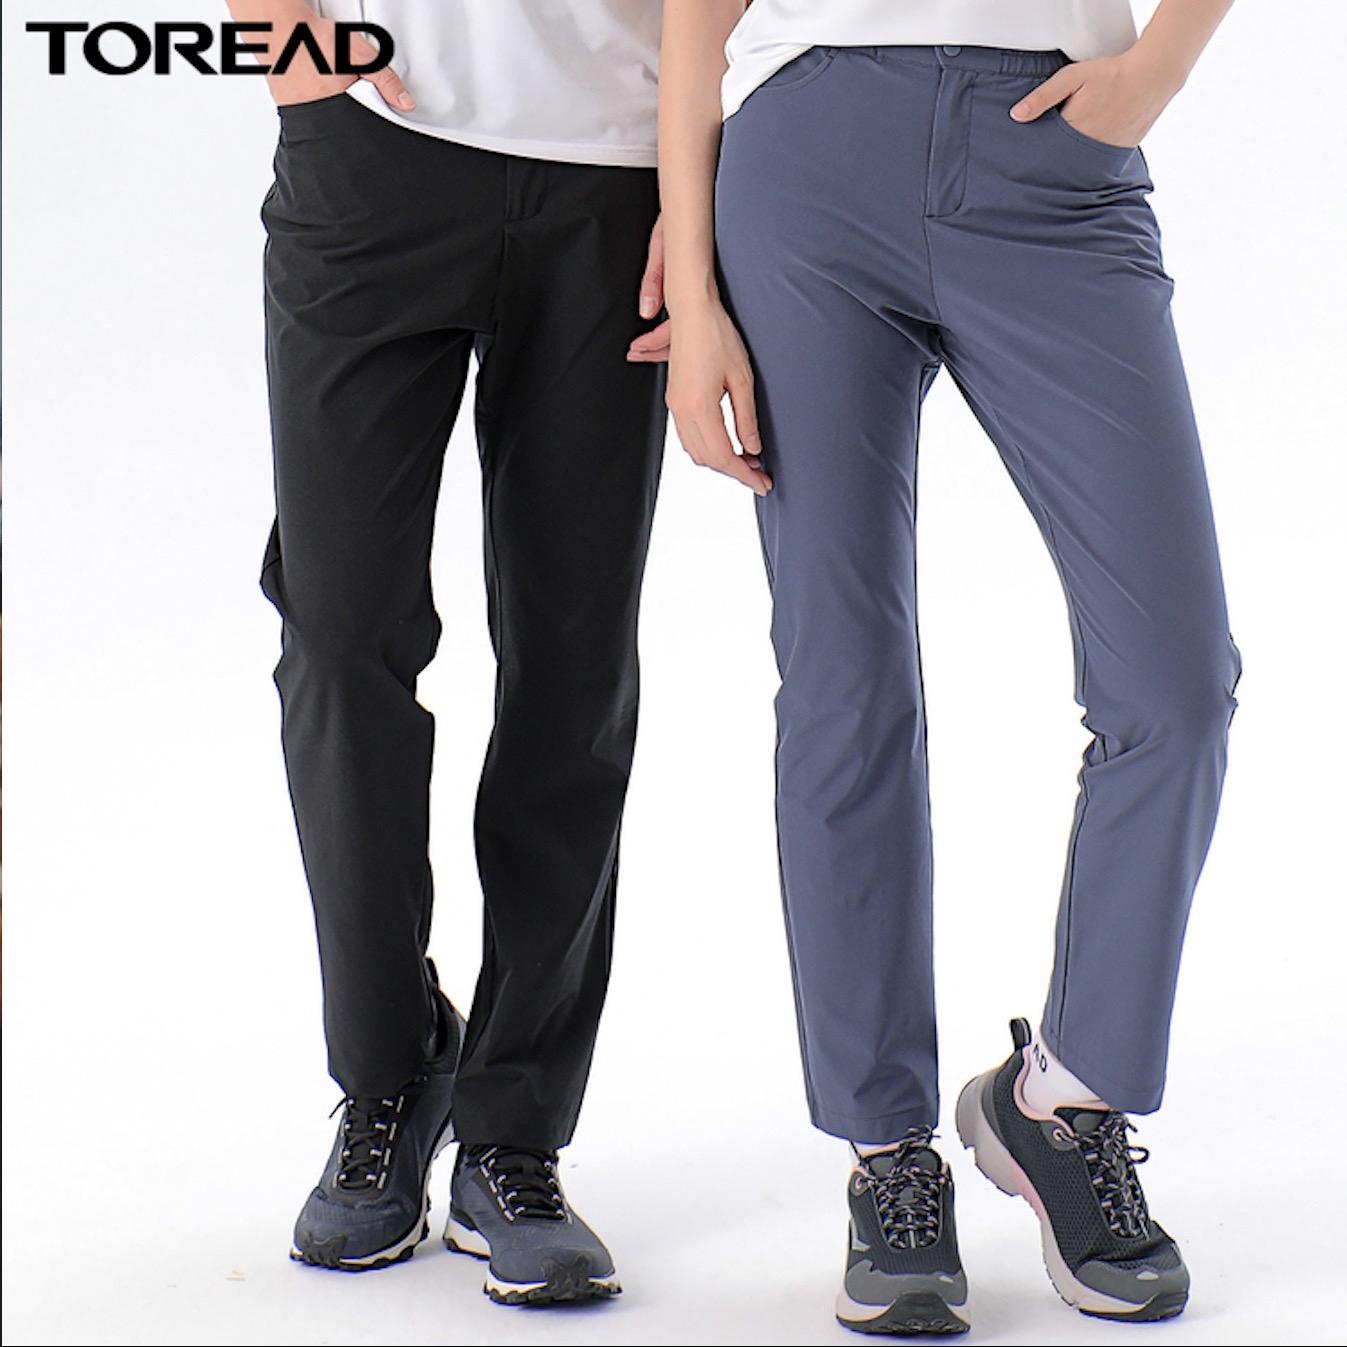 值友专享 : TOREAD 探路者 TAMI81409 男子休闲长裤